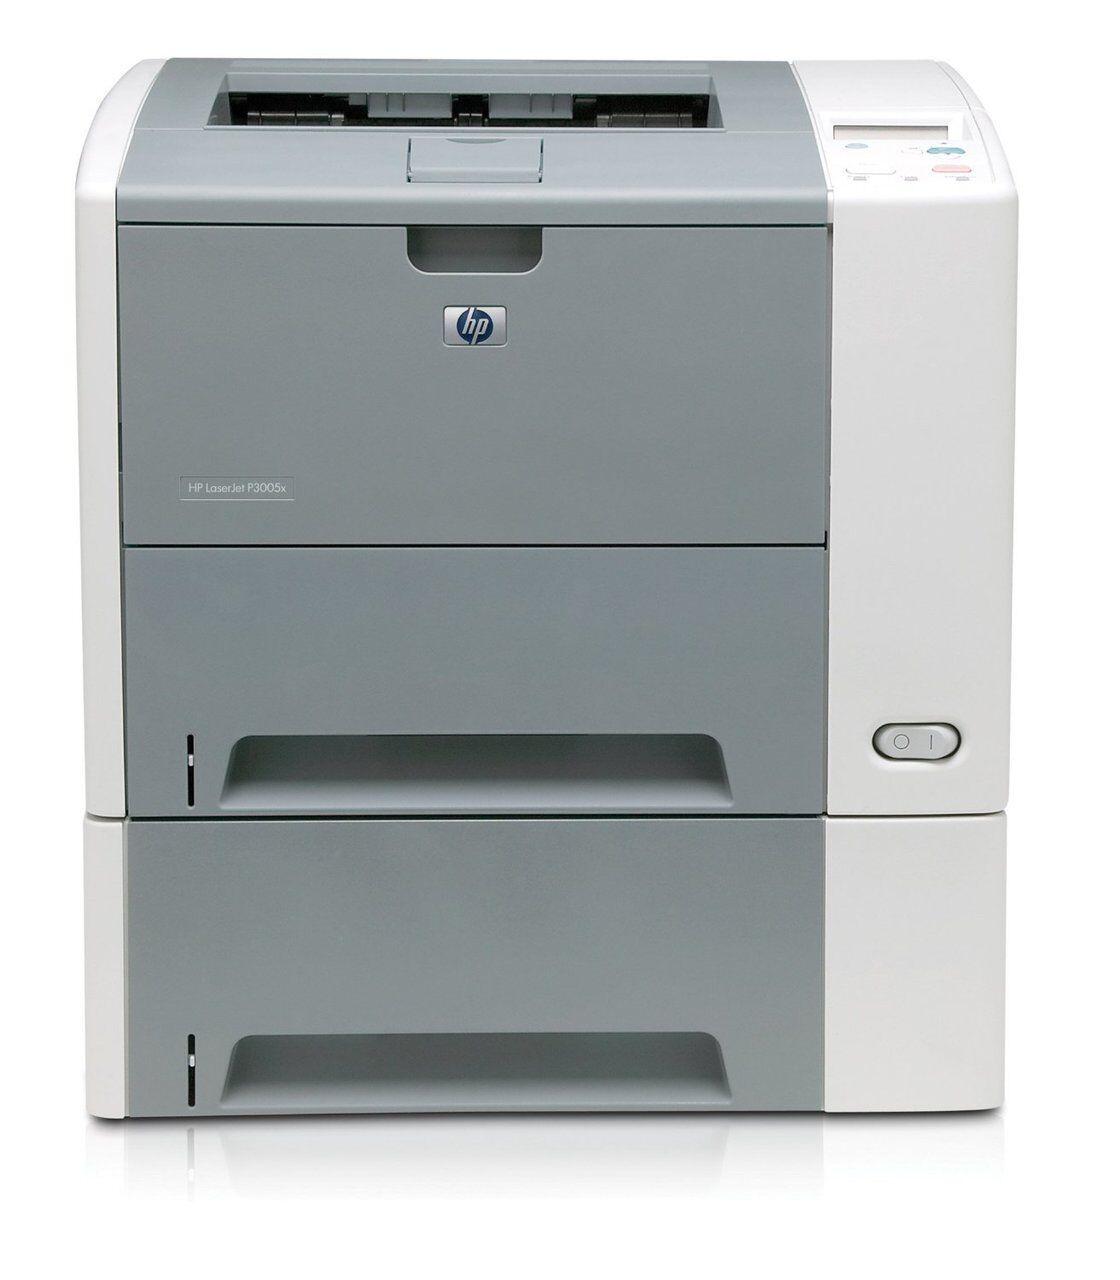 ★ Stampante Hp LaserJet P3005X => Con duplex, cassetto e scheda di rete!! ★